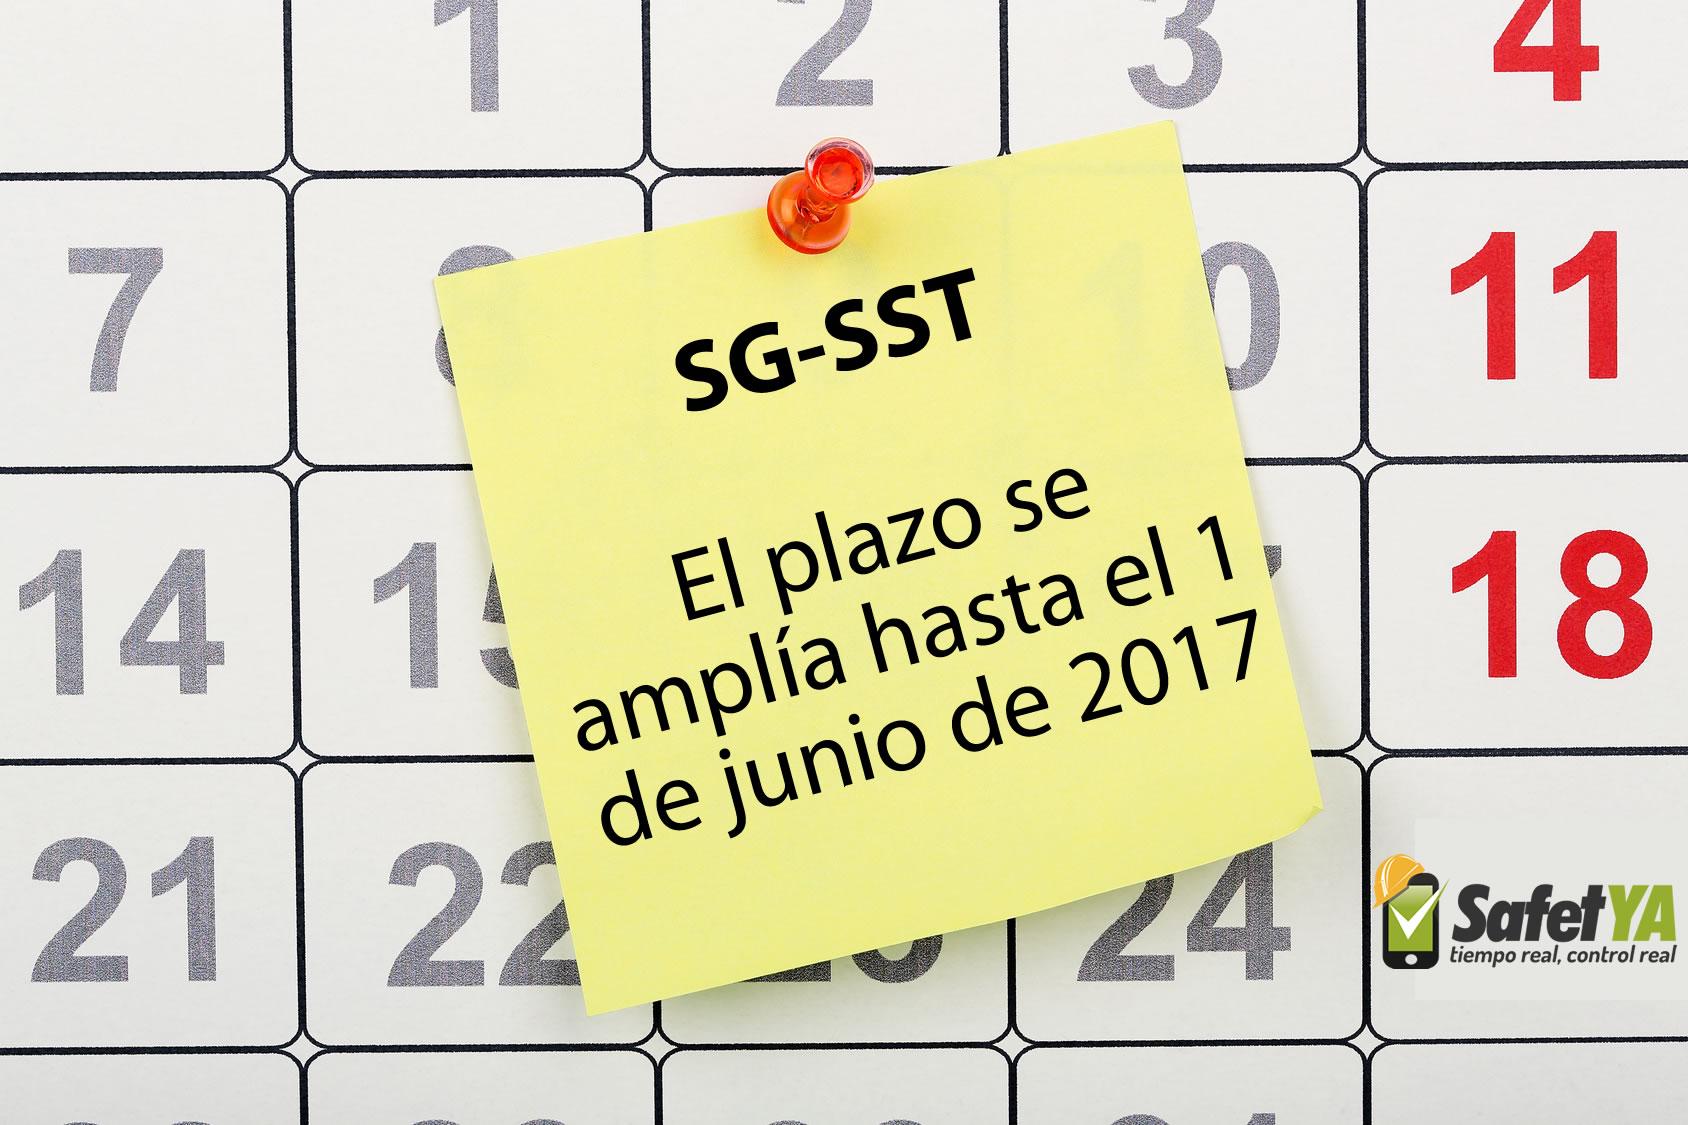 Nueva fecha límite para implementar el SG-SST: 1 de junio de 2017